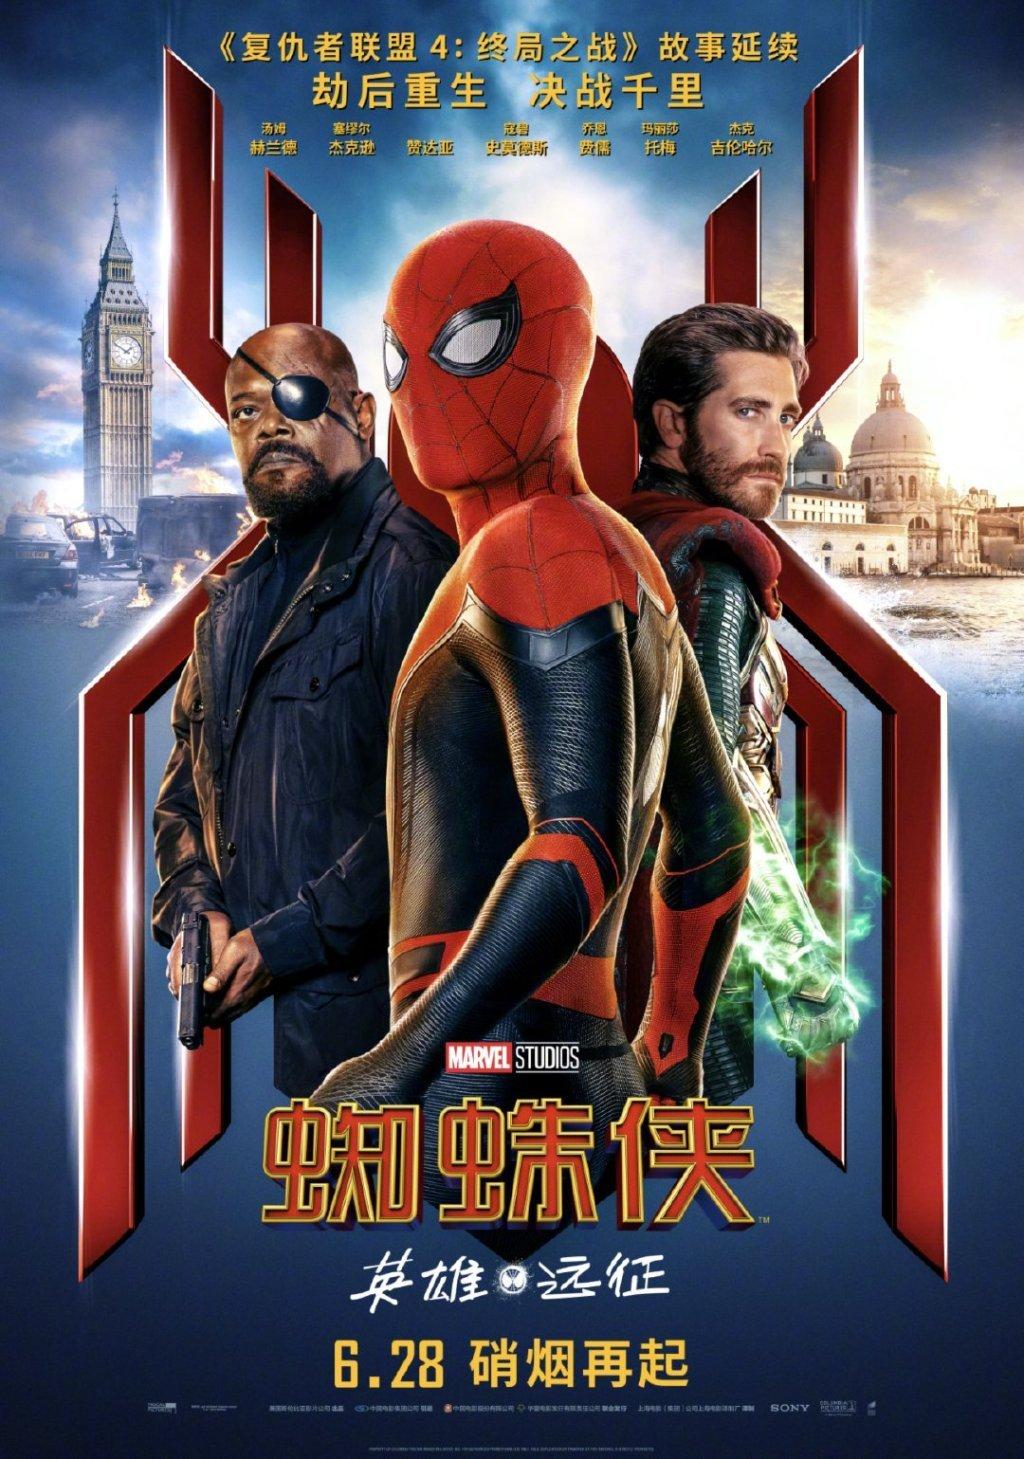 《蜘蛛侠:英雄远征》内地定档6月28日,比北美提前4天上映